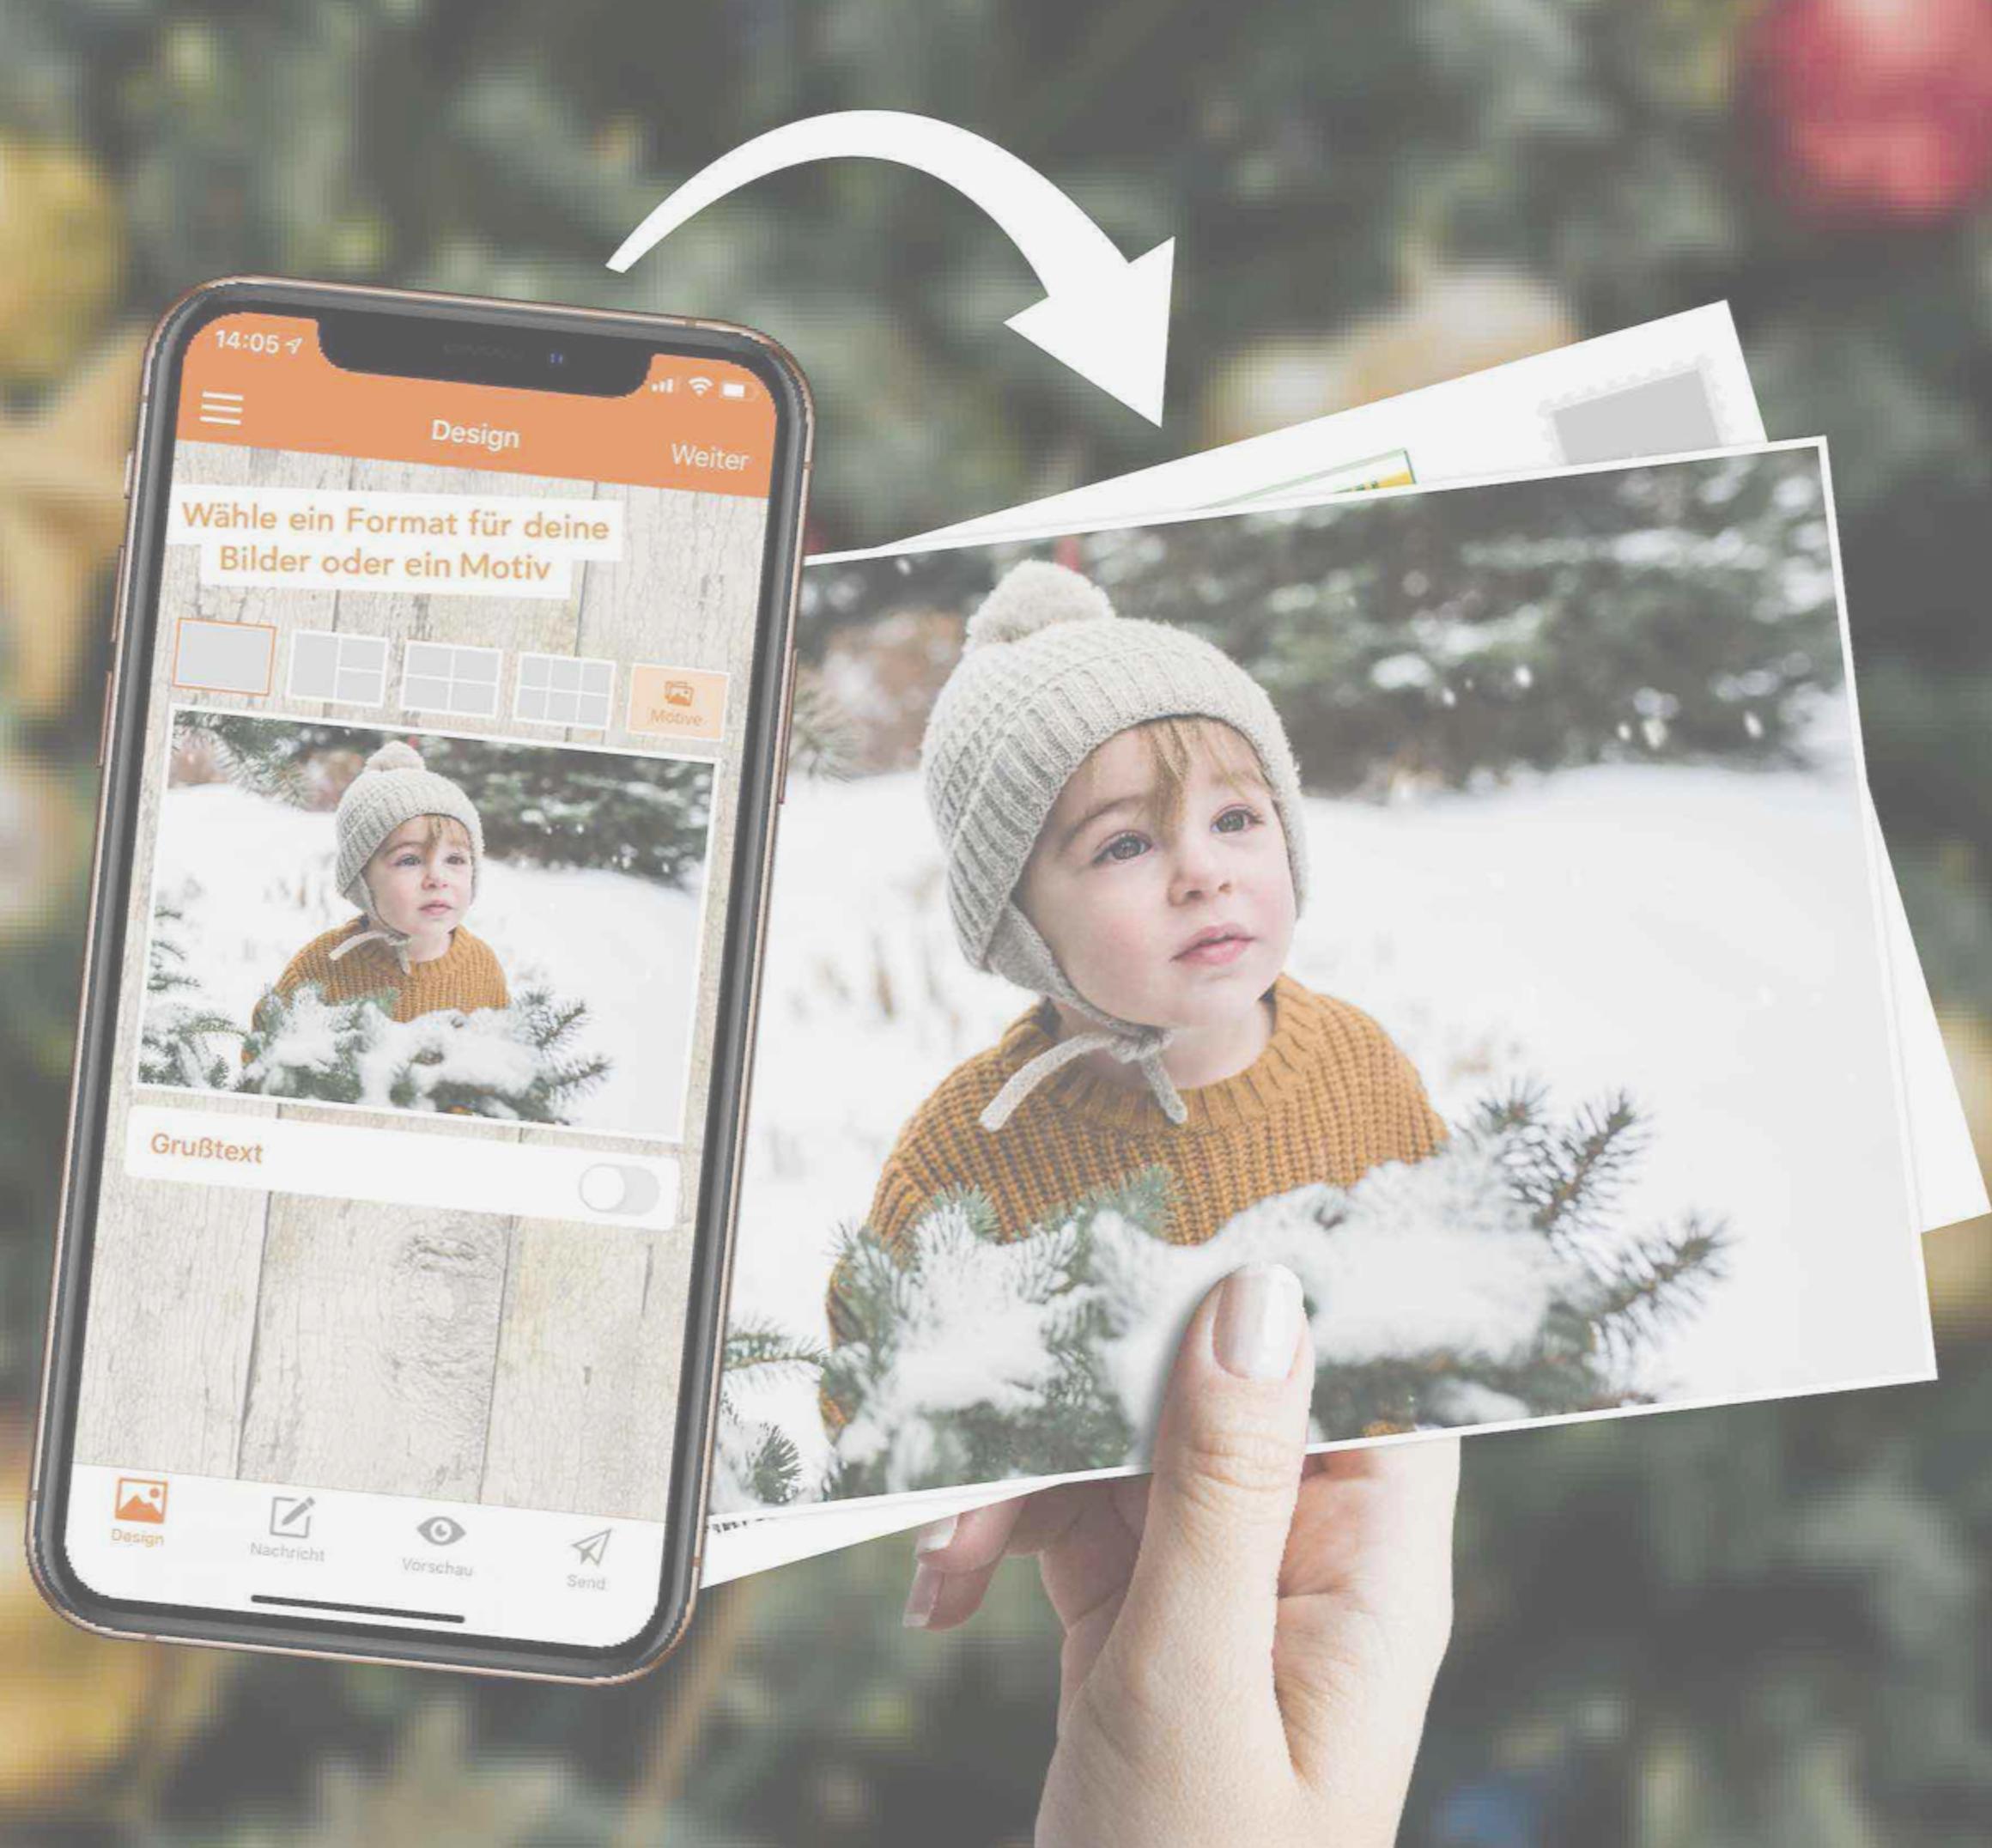 Stuur gratis kerstkaart met uw eigen foto's [Postando App Android & iOS]